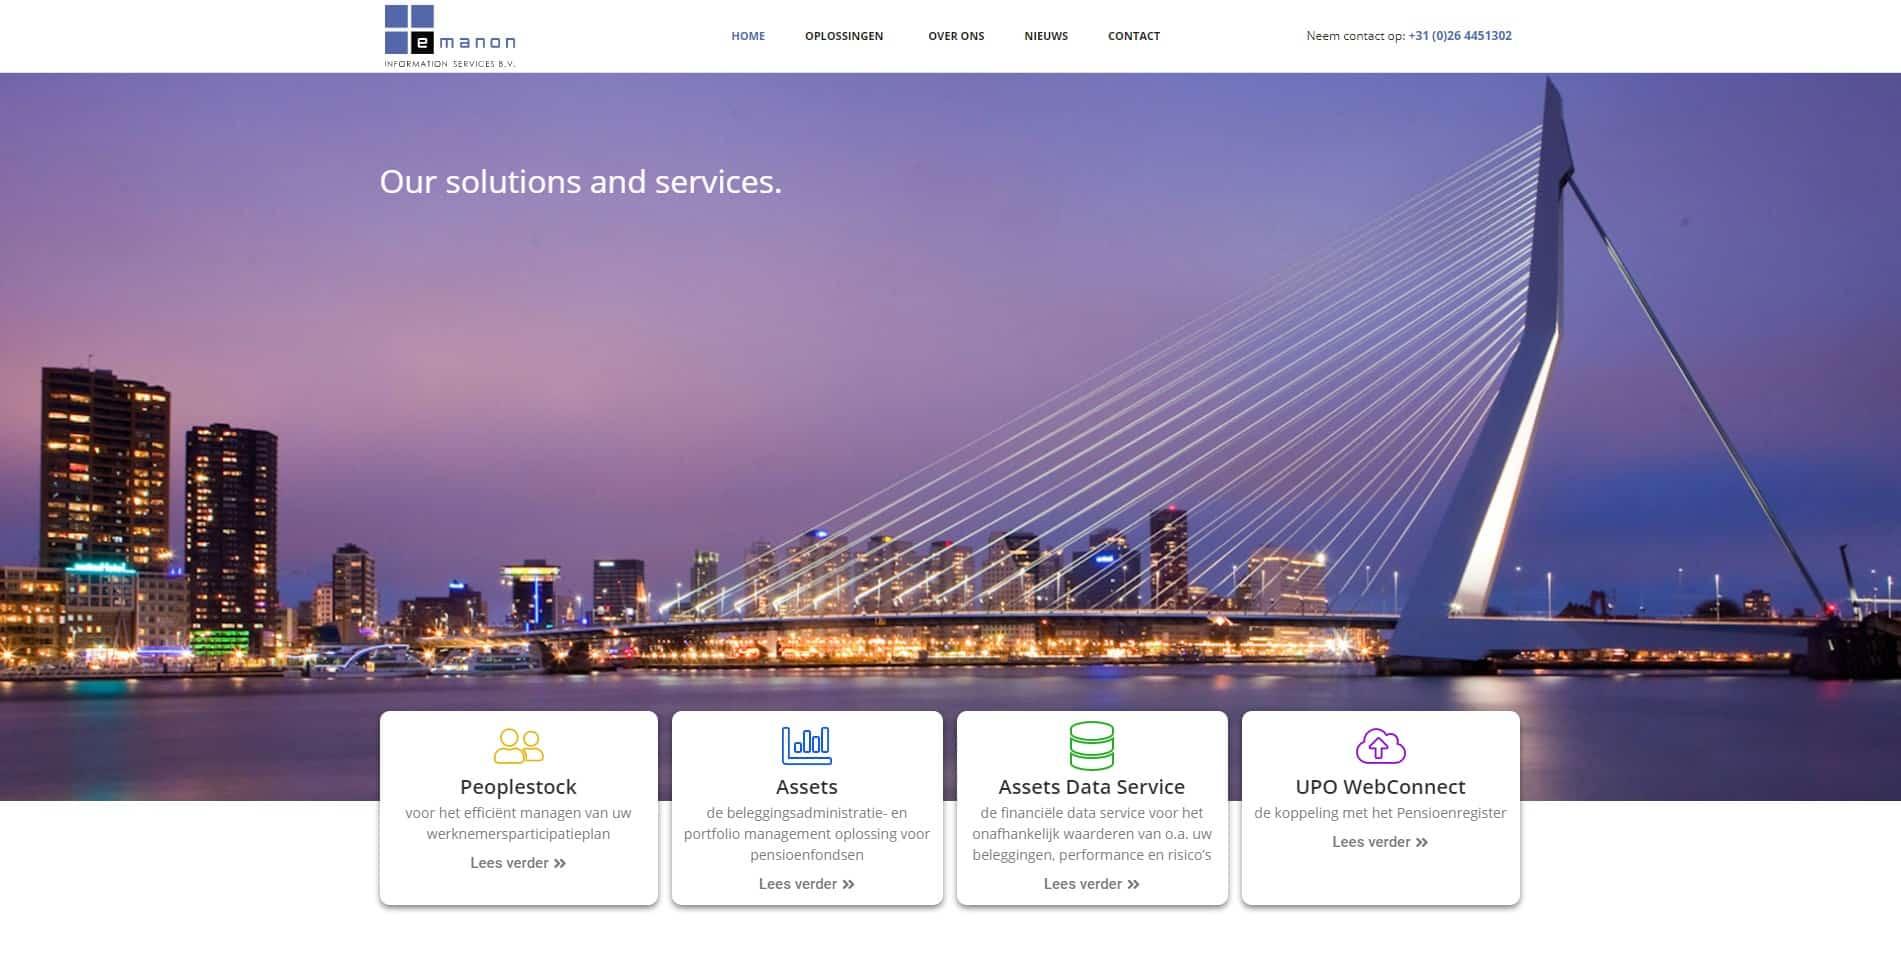 De voorpagina van de emanon website die galileo academy heeft gemaakt